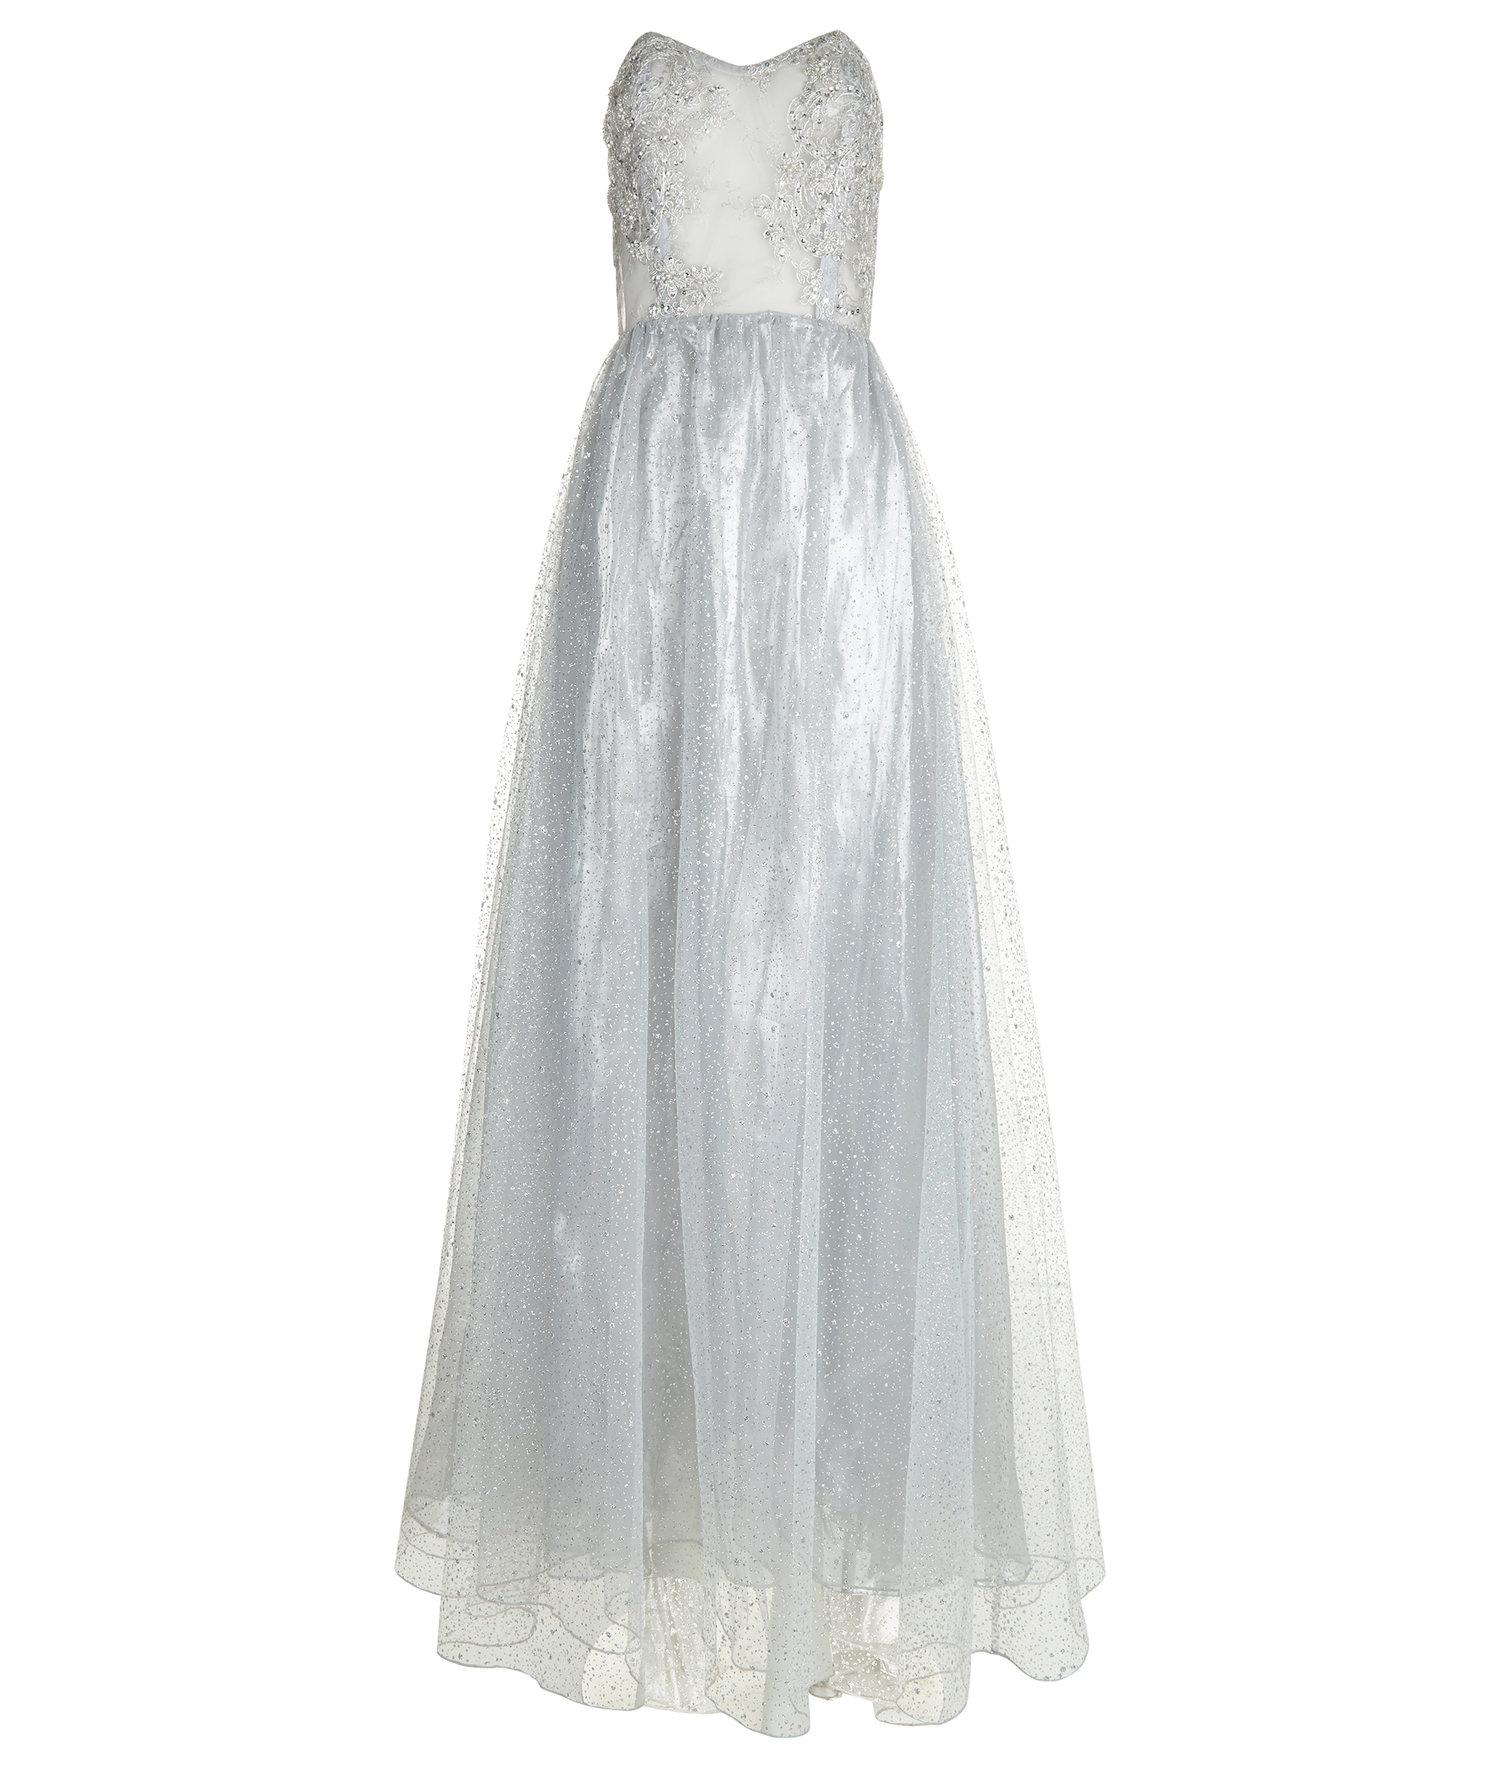 Lace corset gown — info@michaelafrankova.com